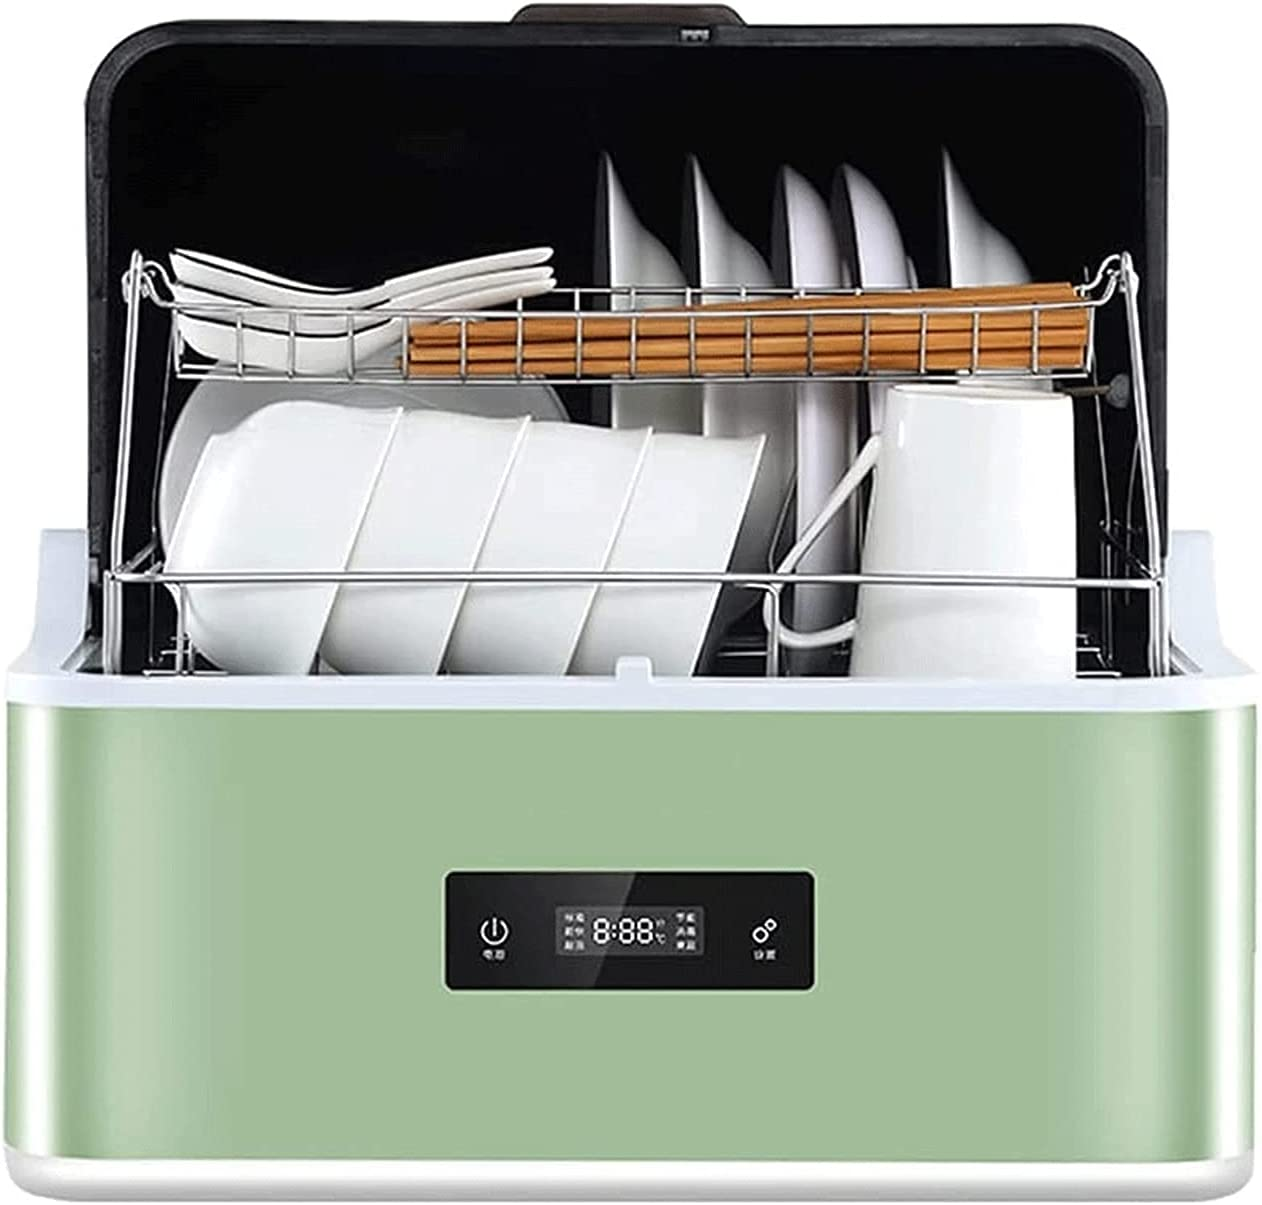 MOSHUO Lavavajillas de encimera, lavavajillas portátil con Manguera de Entrada y Salida, 6 programas de Lavado, Limpieza de Platos de Frutas y Verduras, función de Secado al Aire